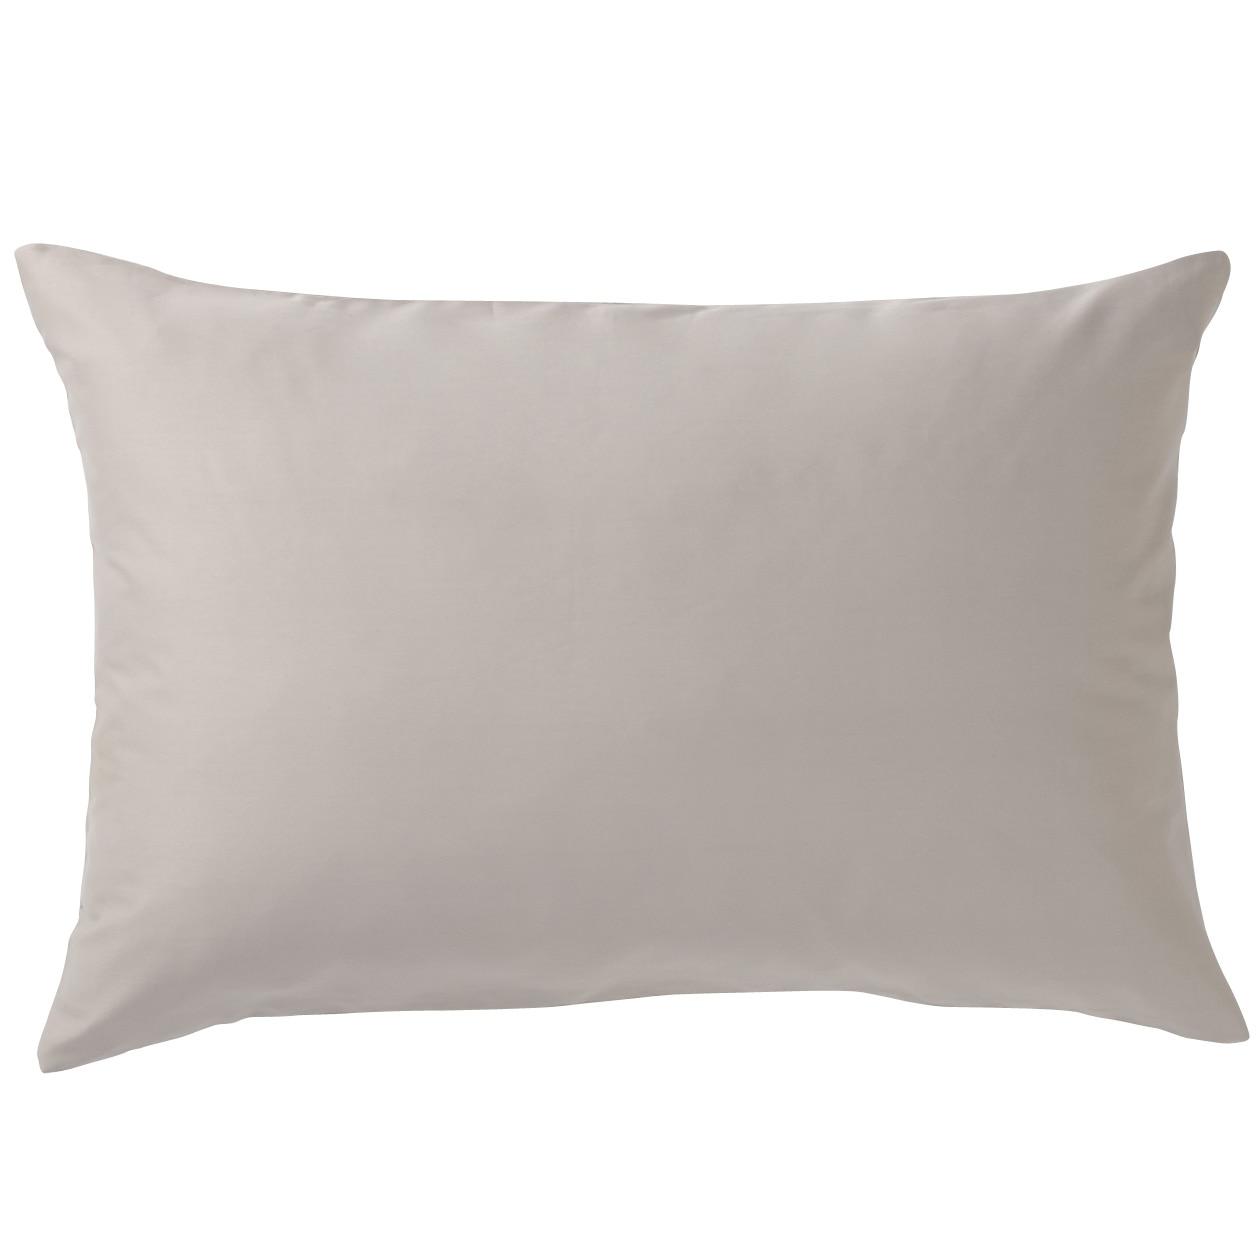 インド綿高密度サテン織ホテル仕様まくらカバー/グレー